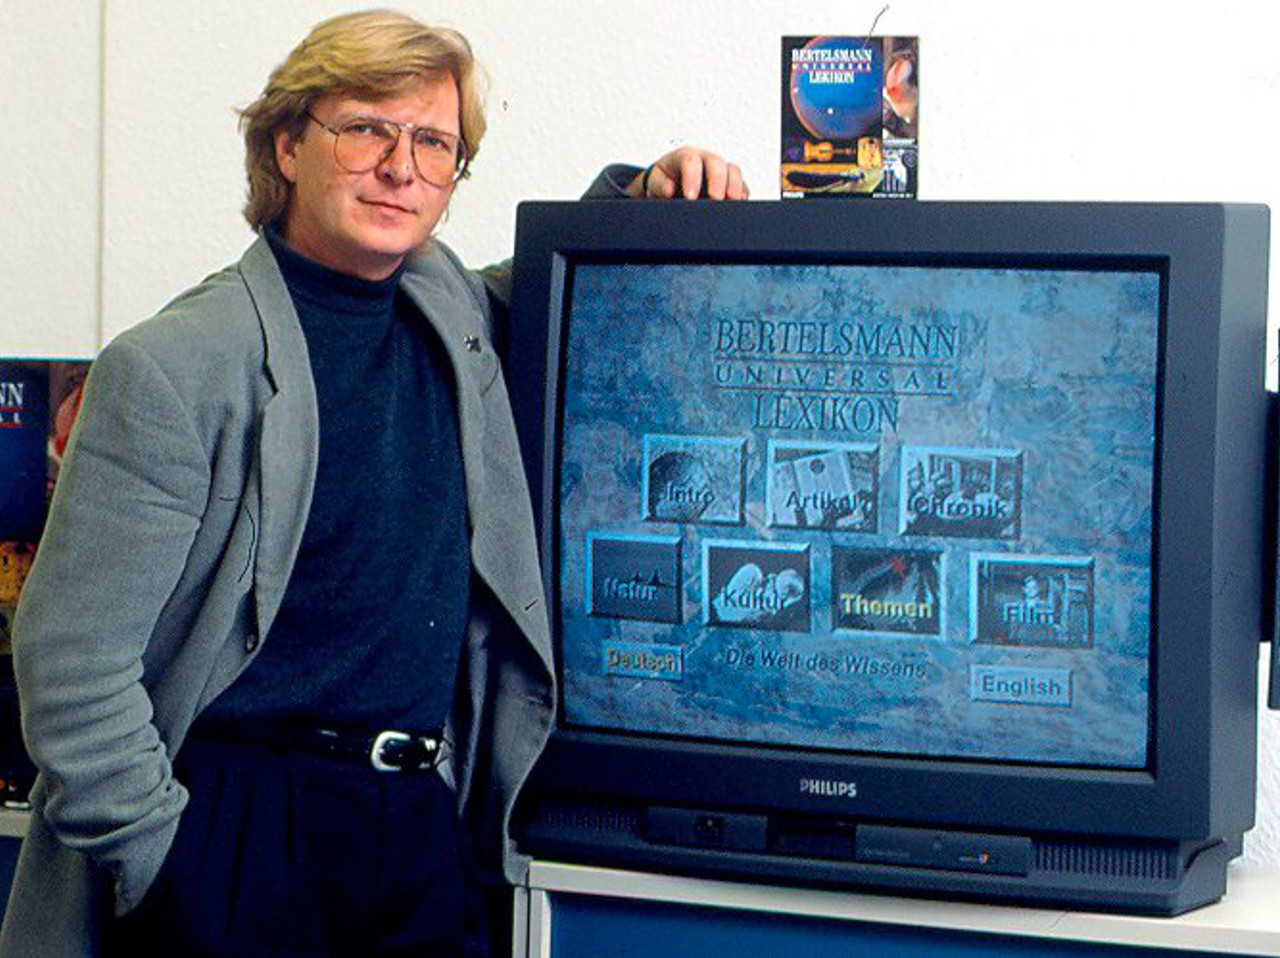 """Winrich Derlien präsentiert das """"Bertelsmann Universal Lexikon"""". (Bild: Winrich Derlin)"""